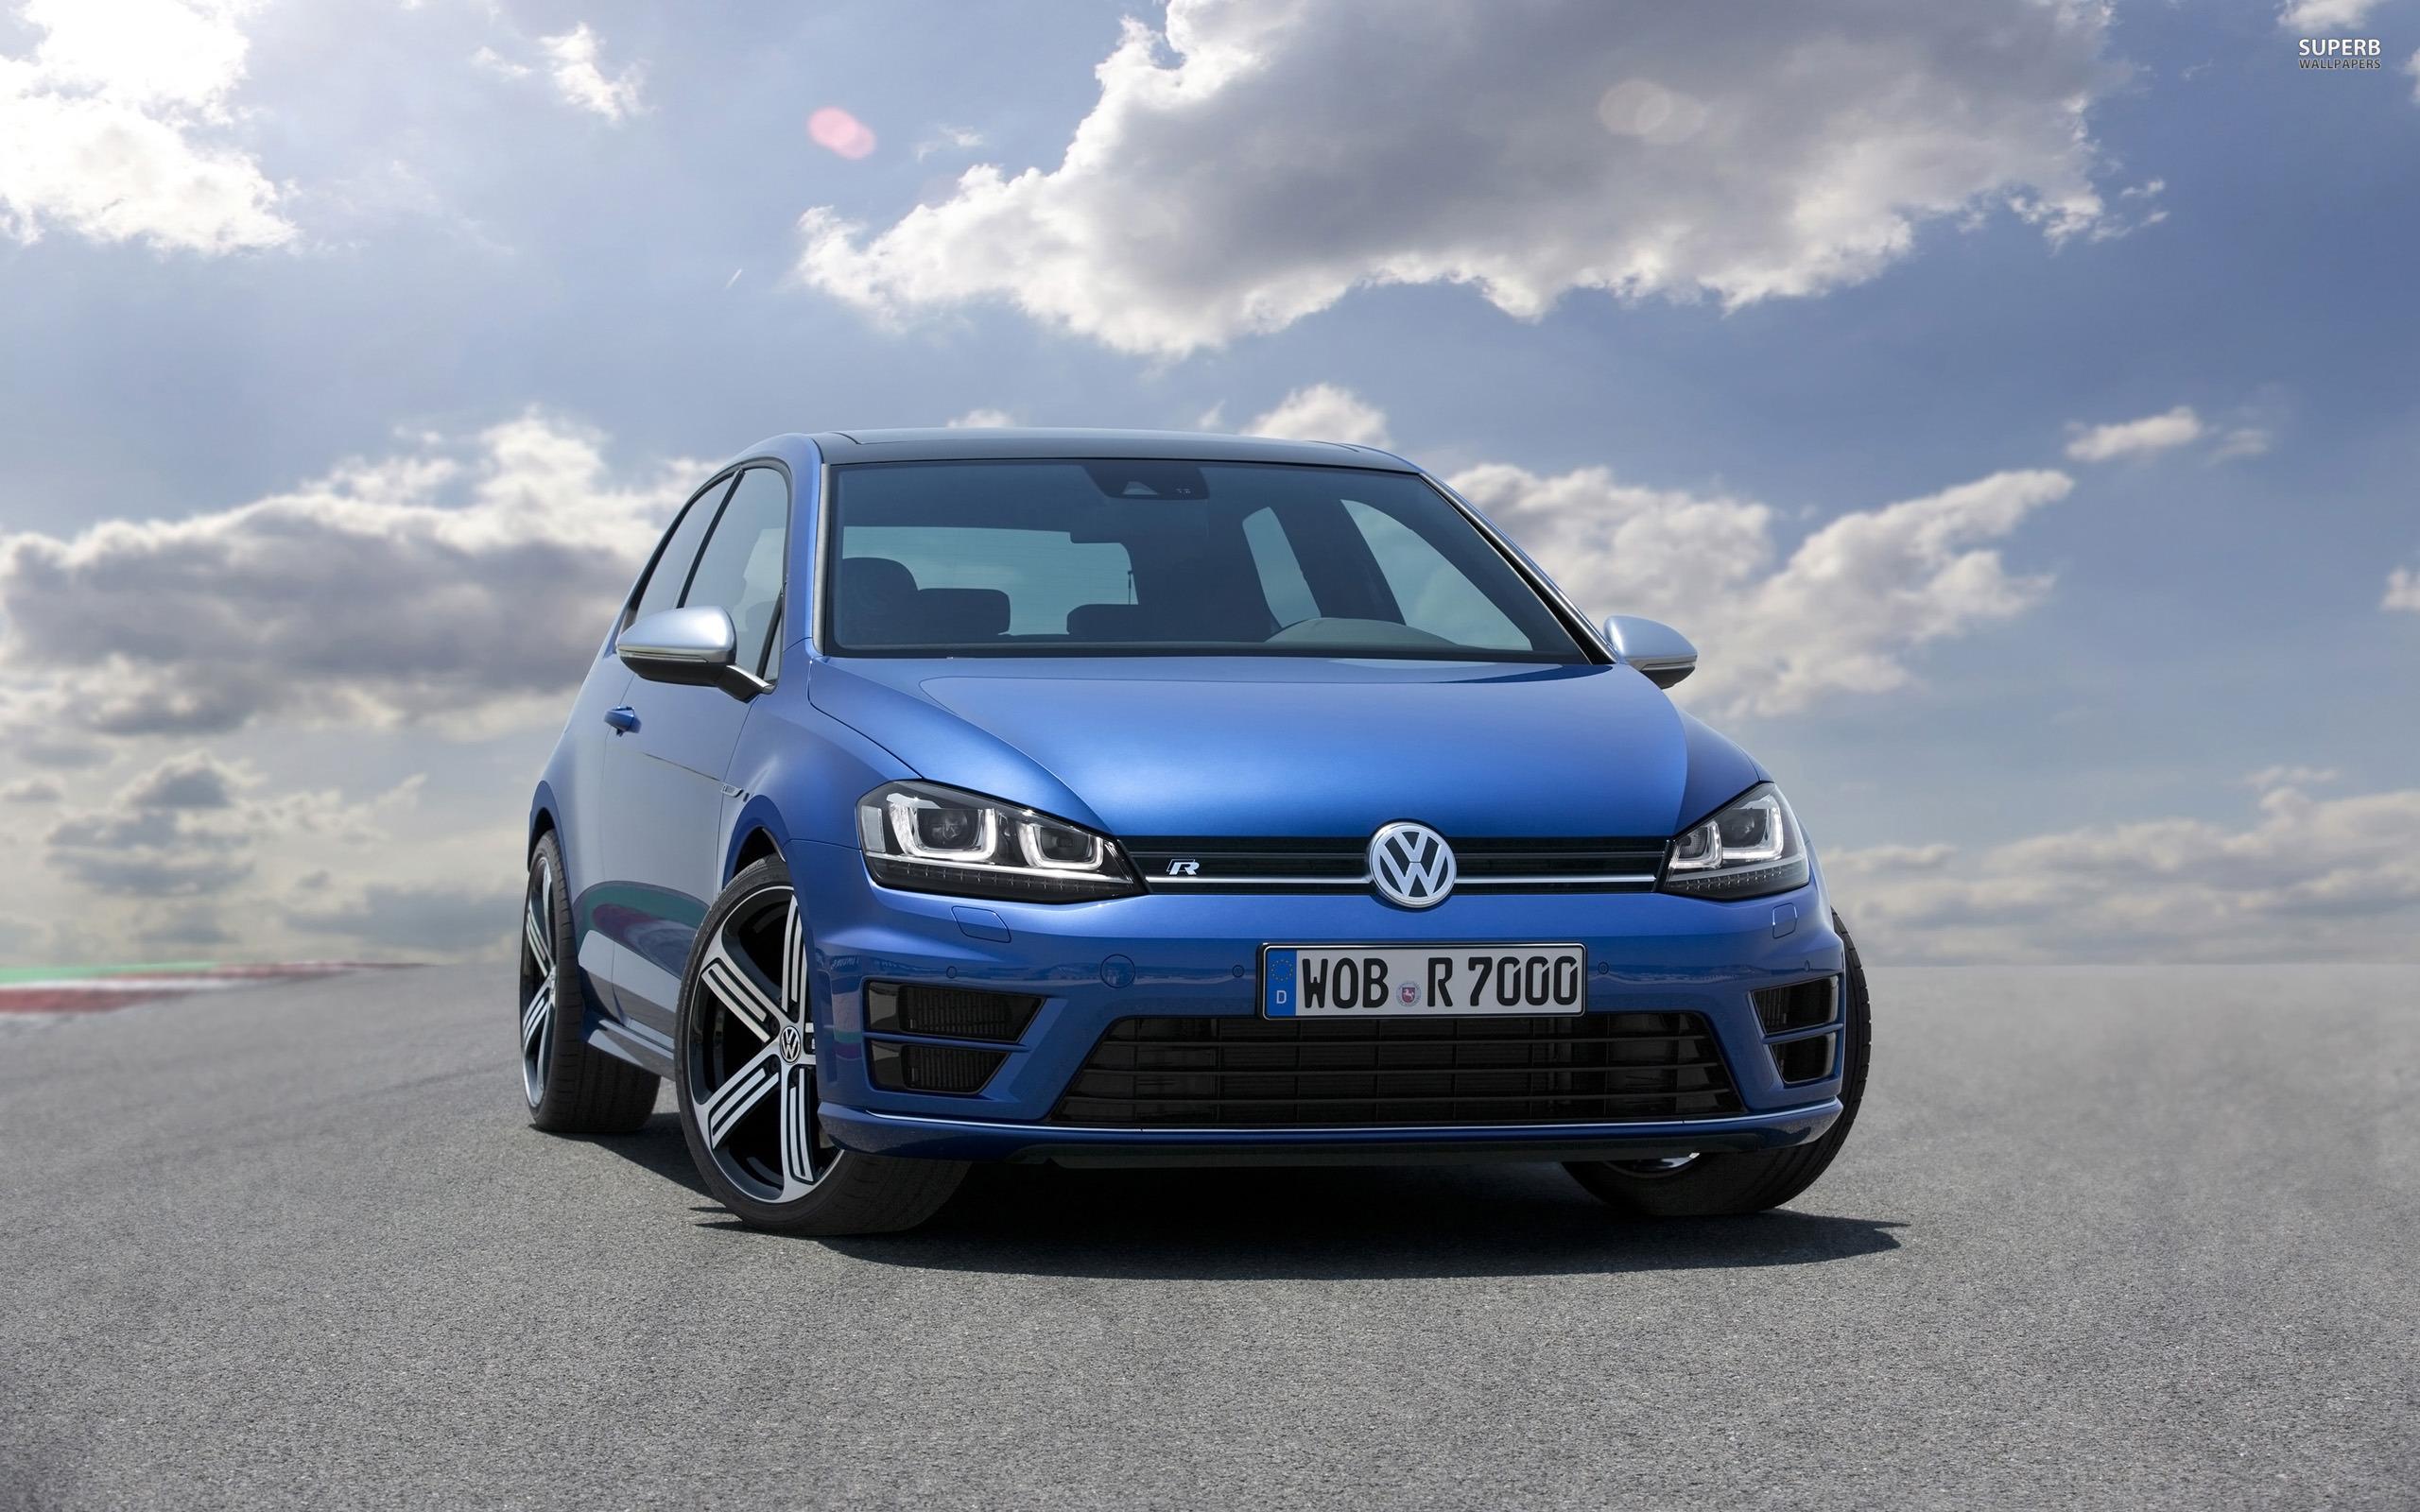 2014 Volkswagen Golf R Desktop Wallpaper CarsWallpaperNet 2560x1600